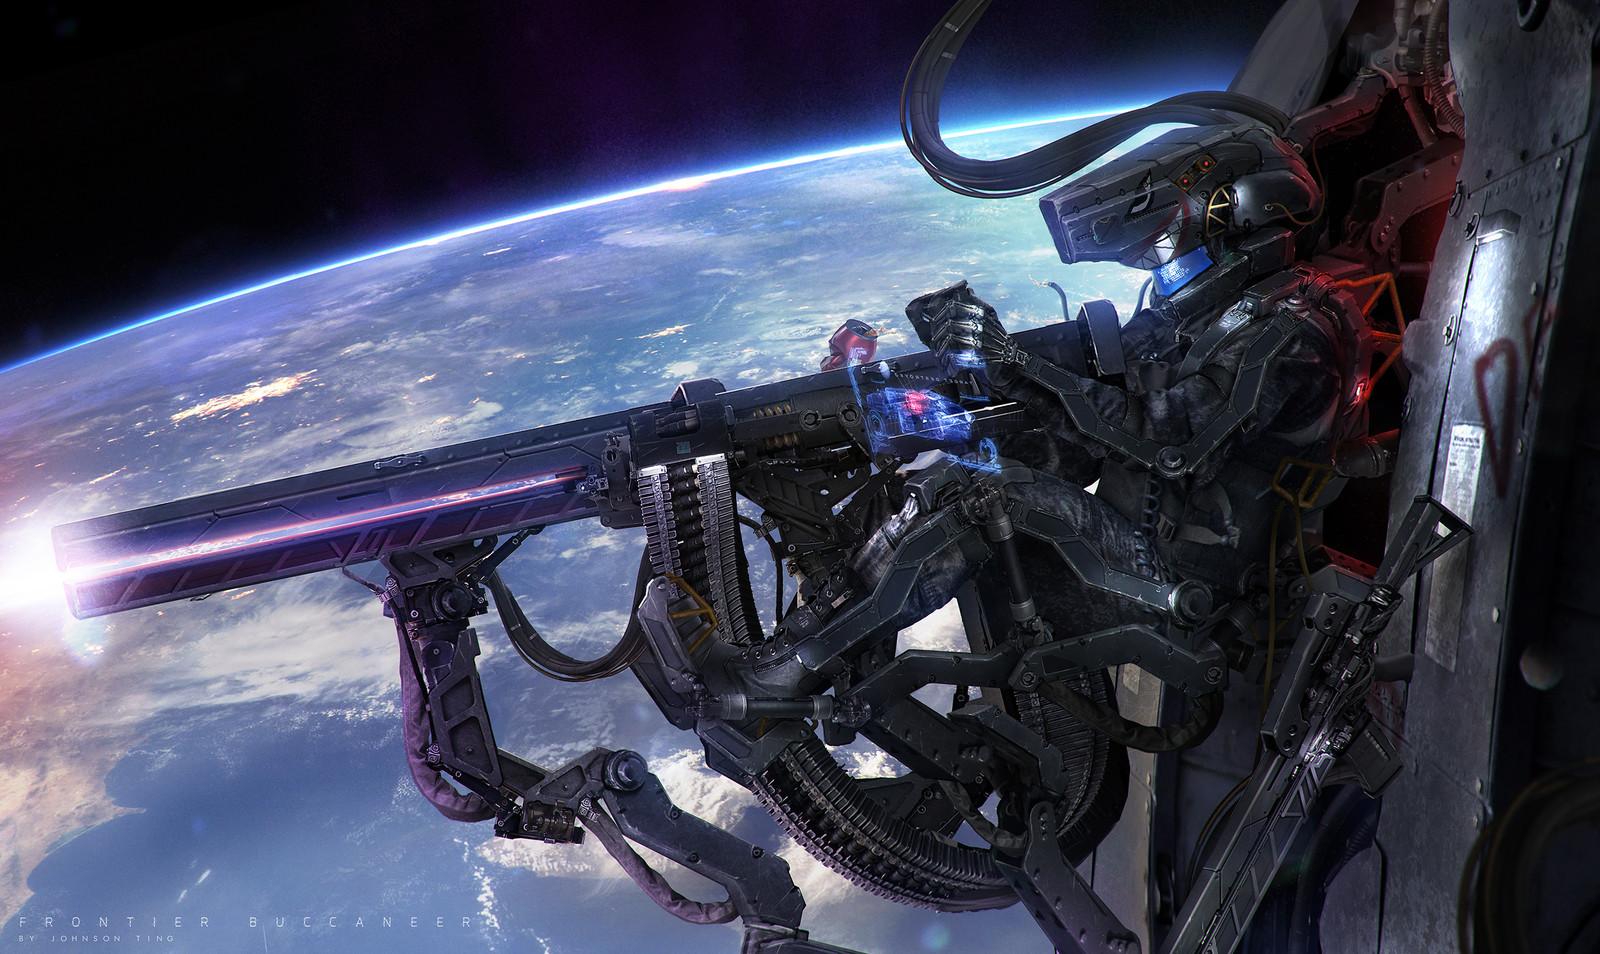 Orbital Hunt - Frontier Buccaneers